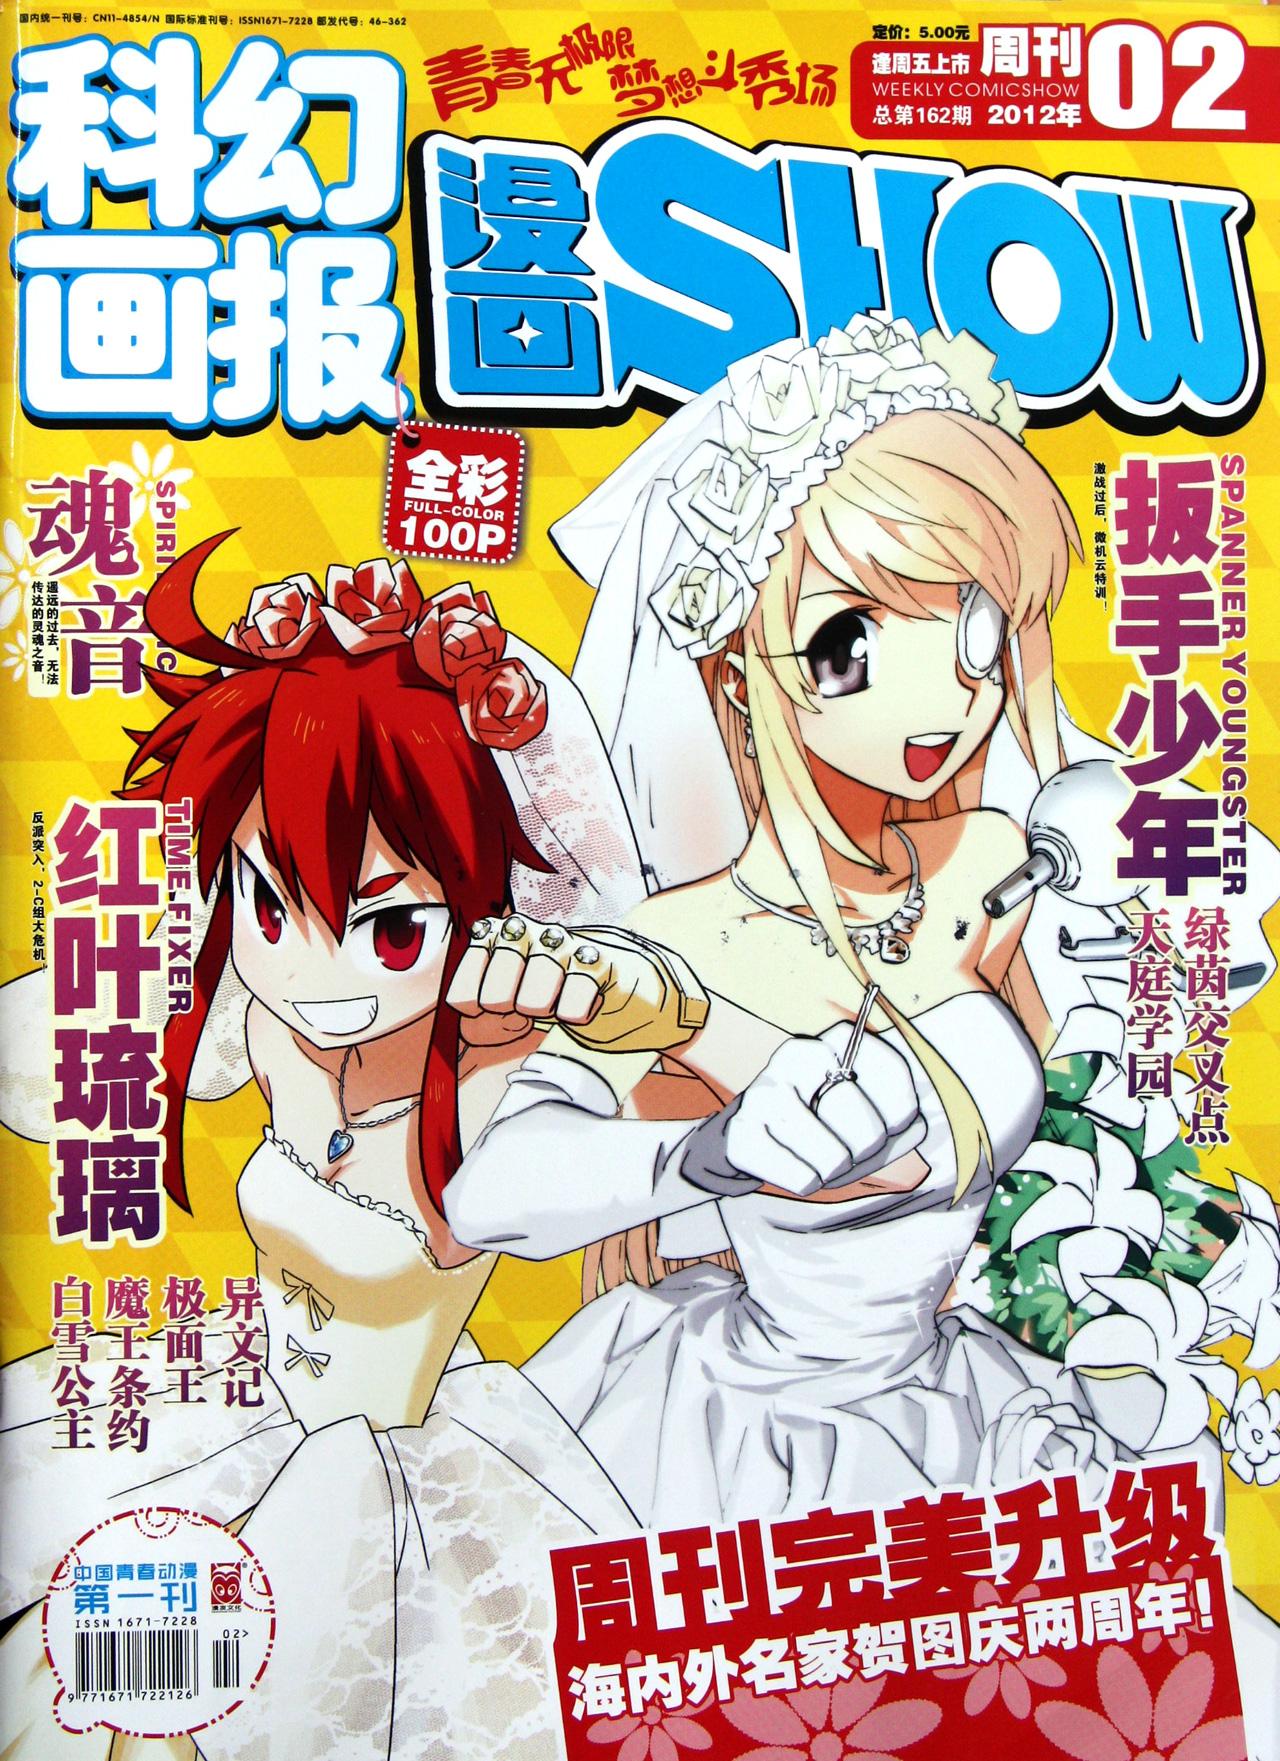 科幻画报漫画SHOW(2012年2月总第162期)-博高校秀全集逗漫画图片